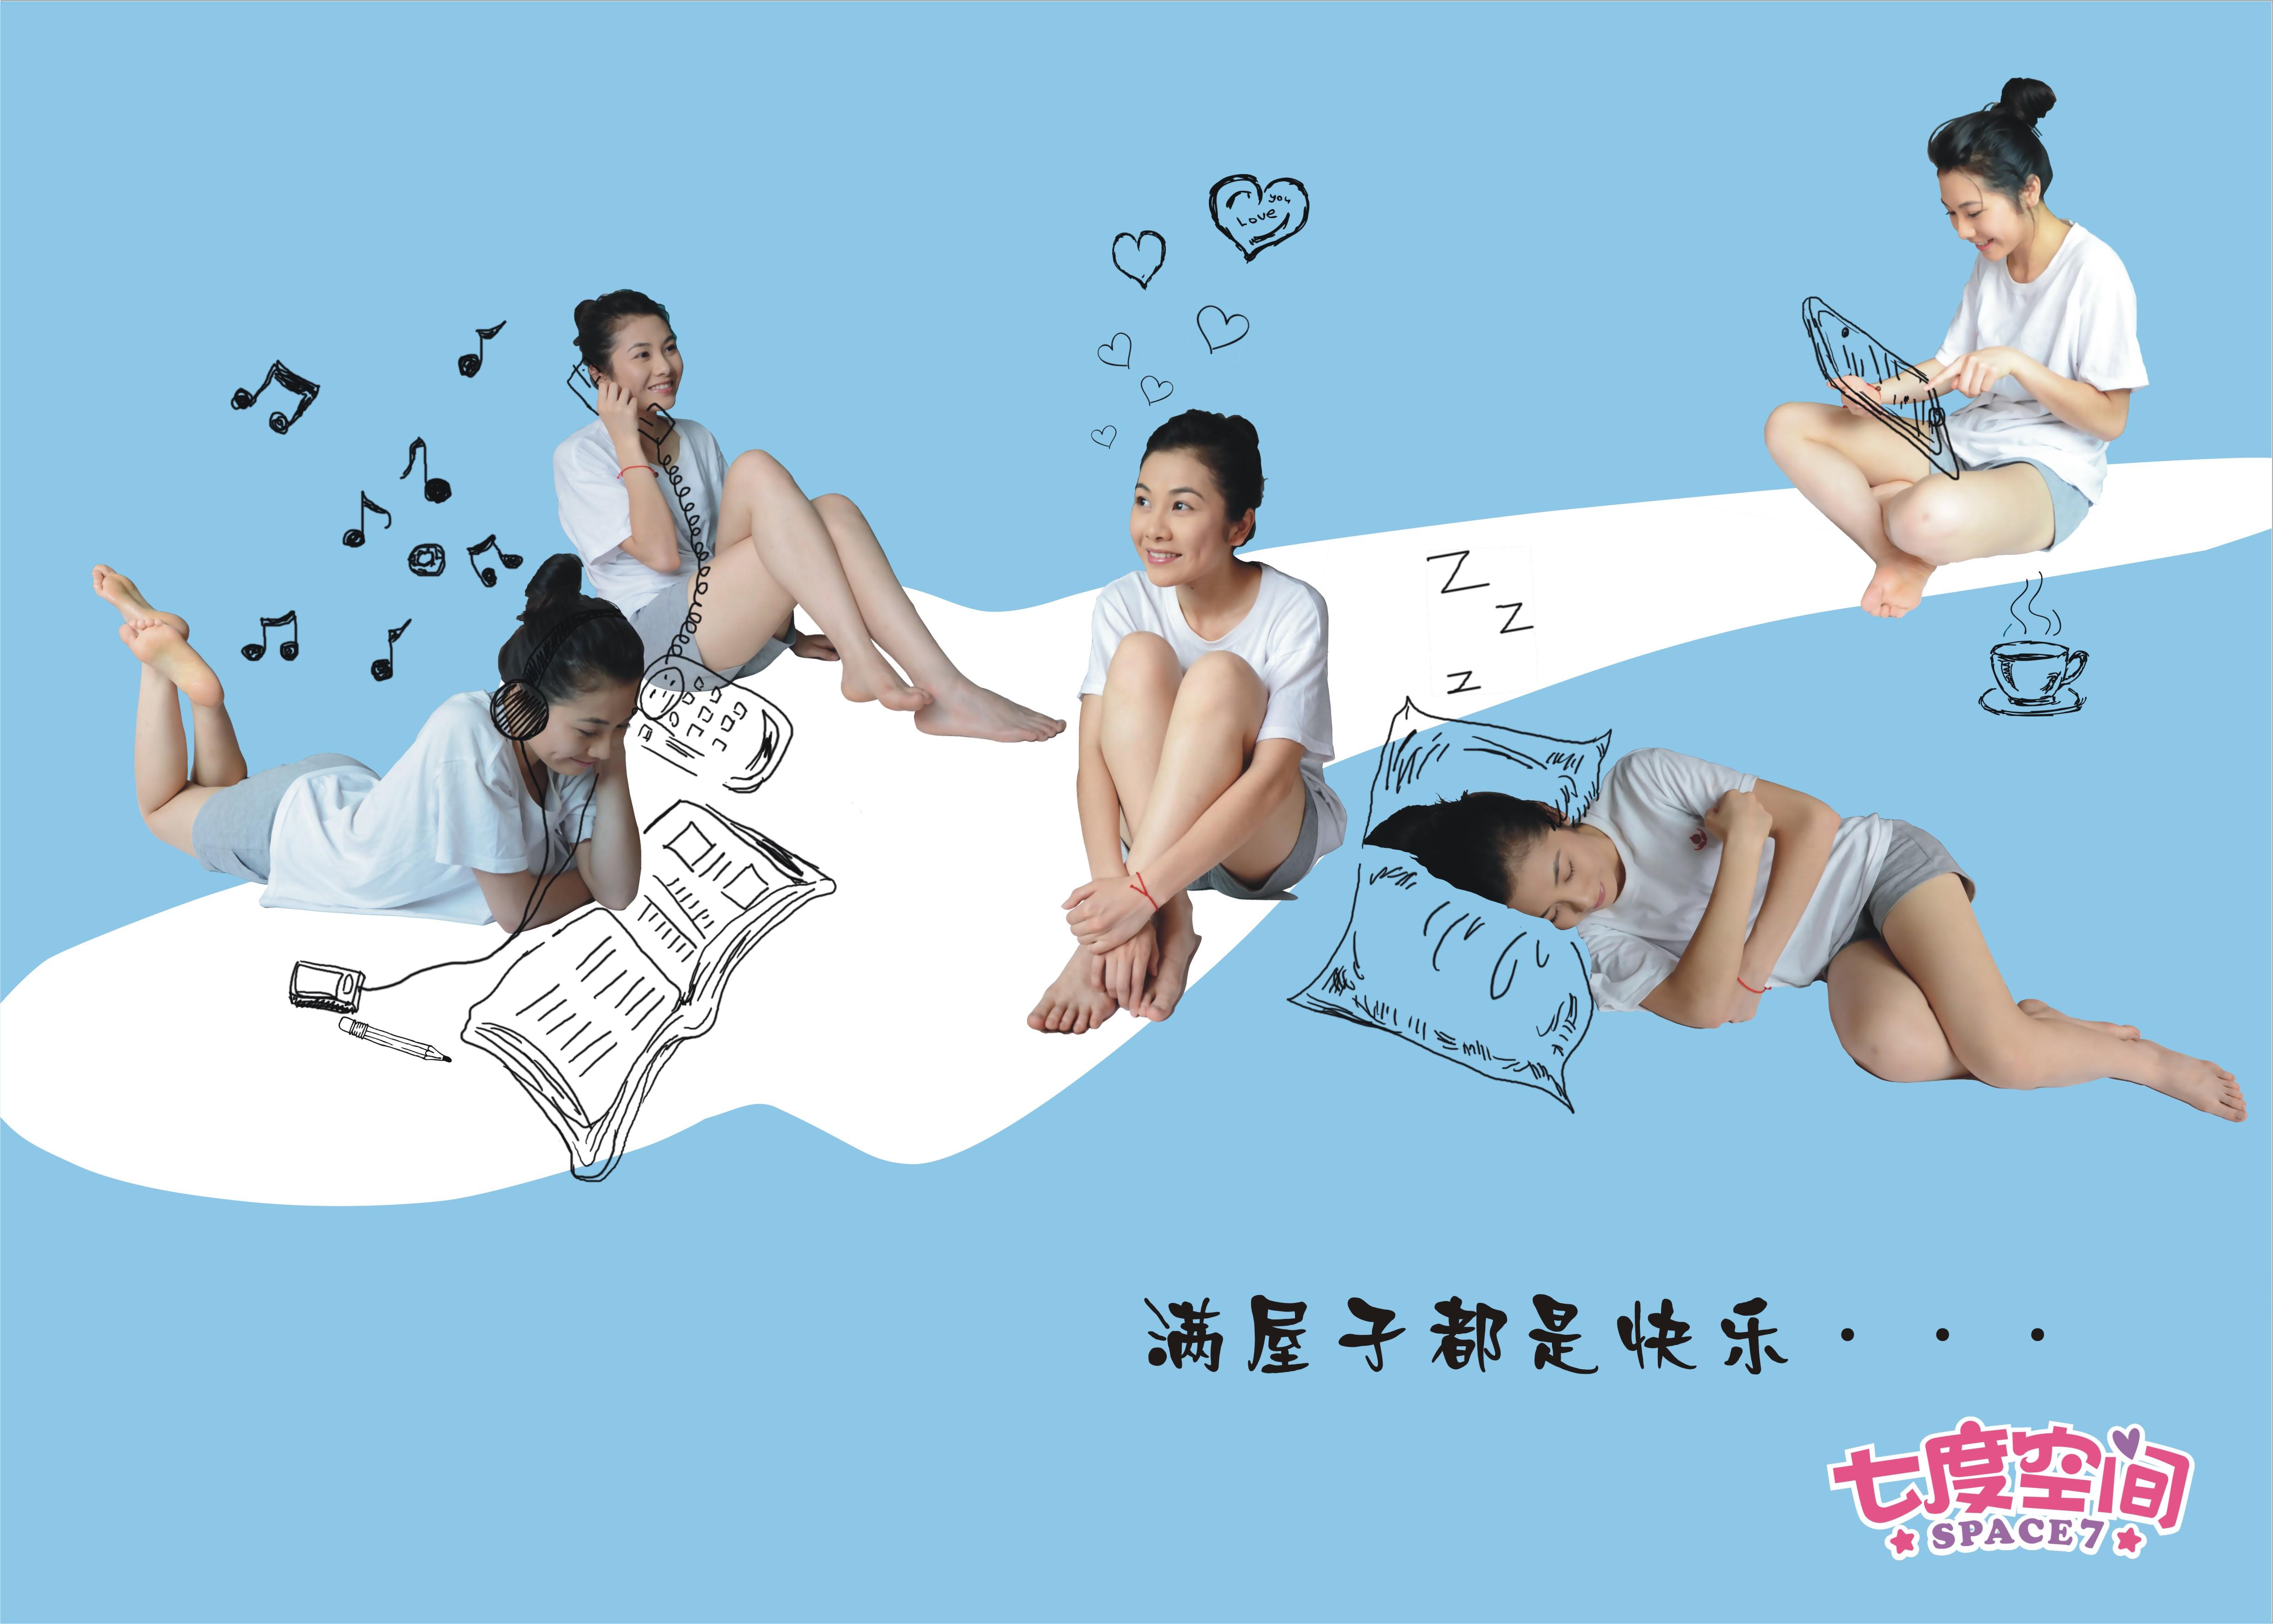 《七度空间》平面广告设计图片